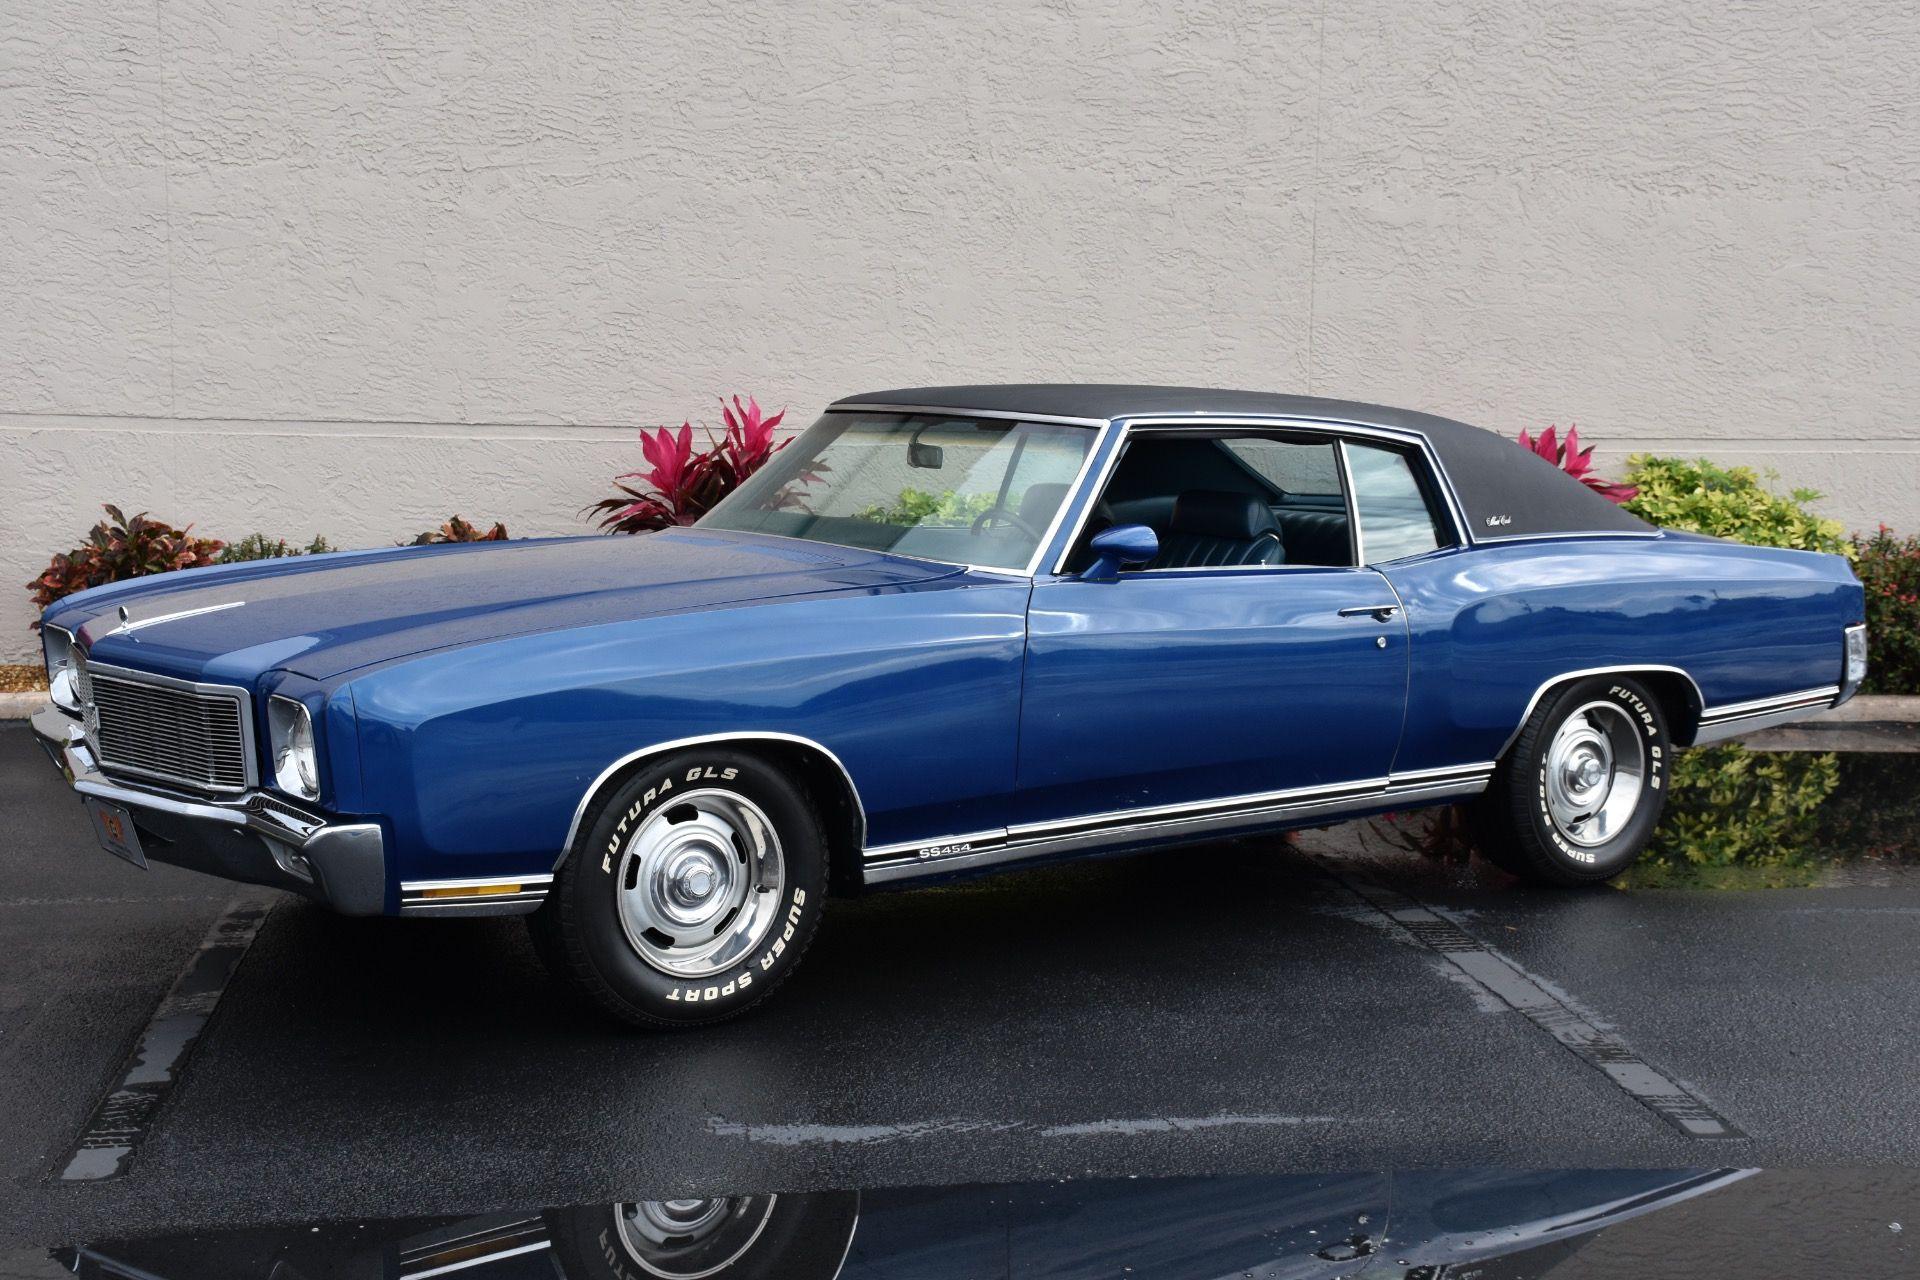 1971 Montecarlo Ss454 454 365hp 4bbl V8 Th400 Auto 3 31